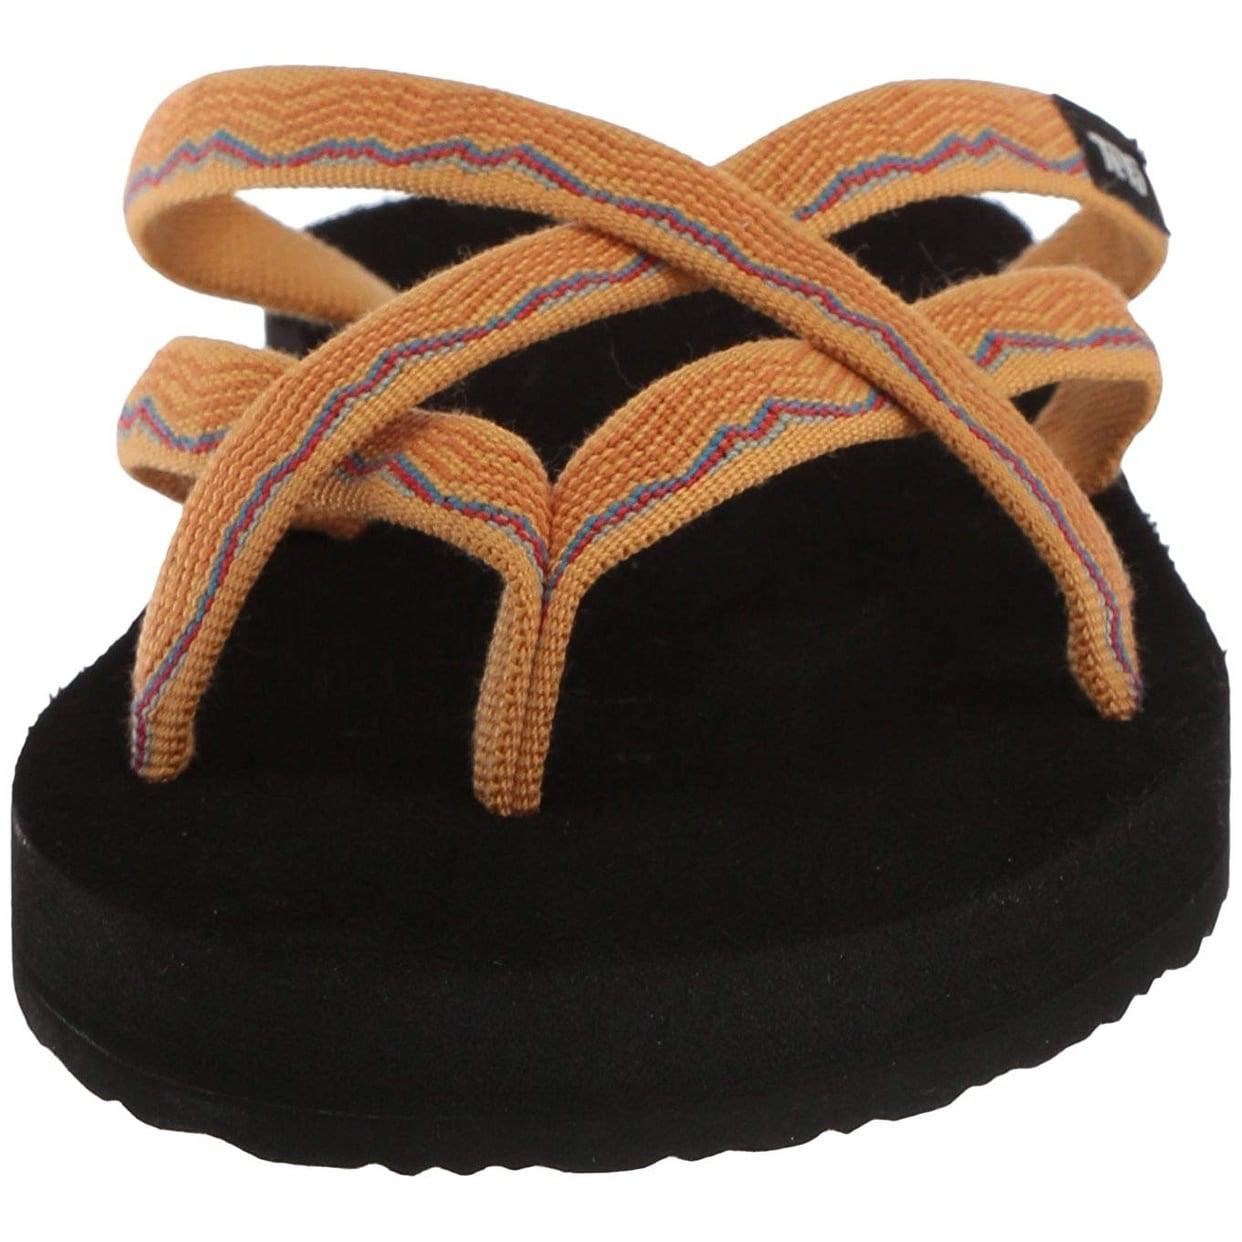 16109cb6dedefb Teva Shoes